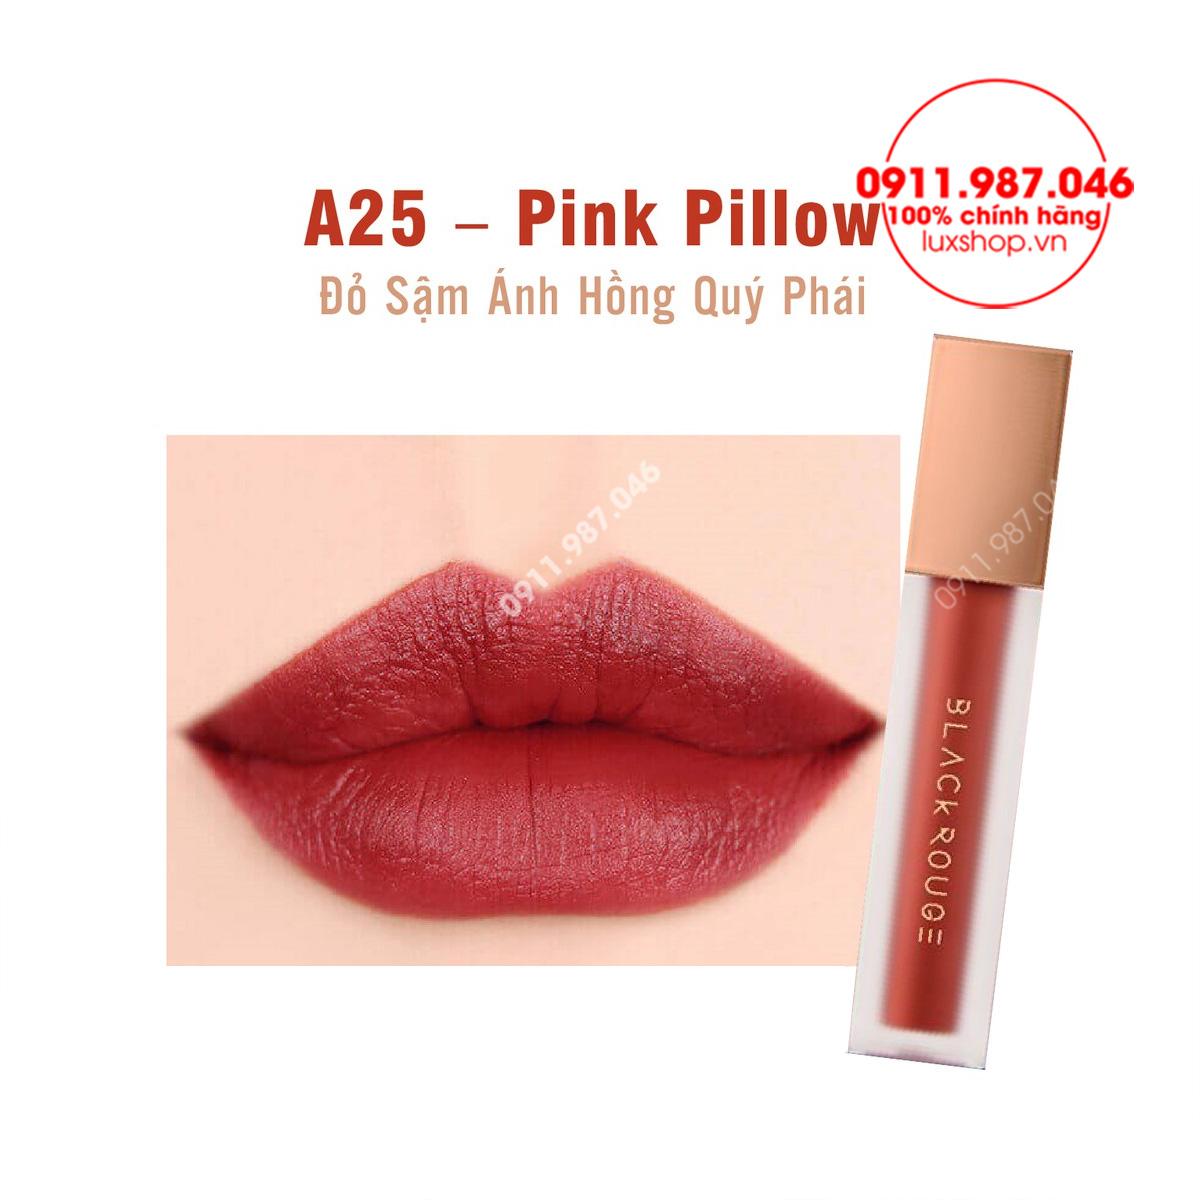 Bảng màu son môi Black Rouge Version 5 vỏ xanh chính hãng (Hàn Quốc)